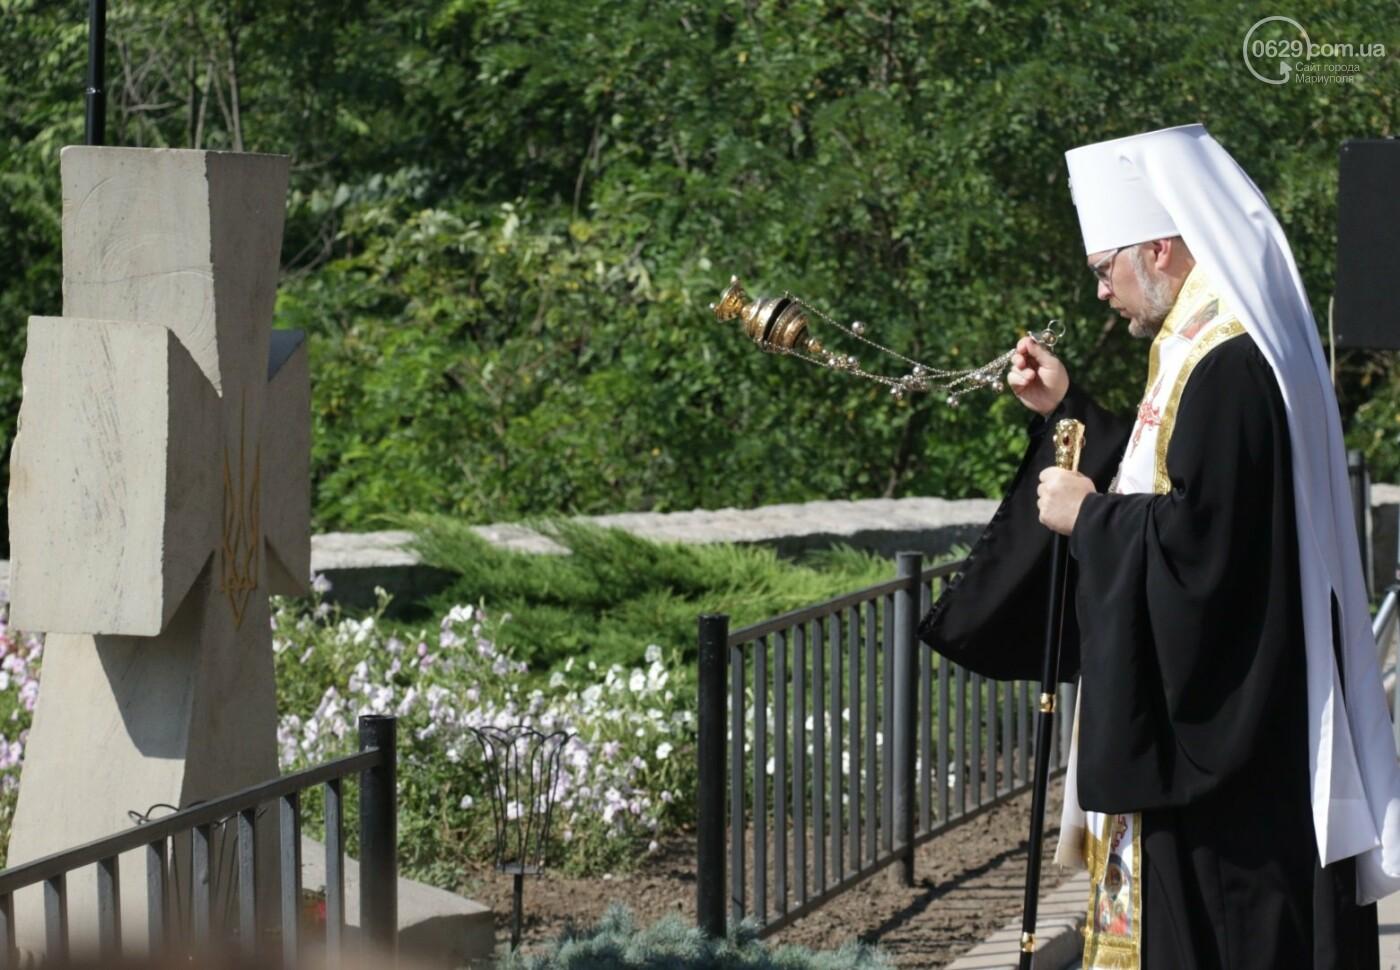 Общенациональная минута молчания. Как в Мариуполе почтили память защитников Украины, - ФОТОРЕПОРТАЖ, фото-9